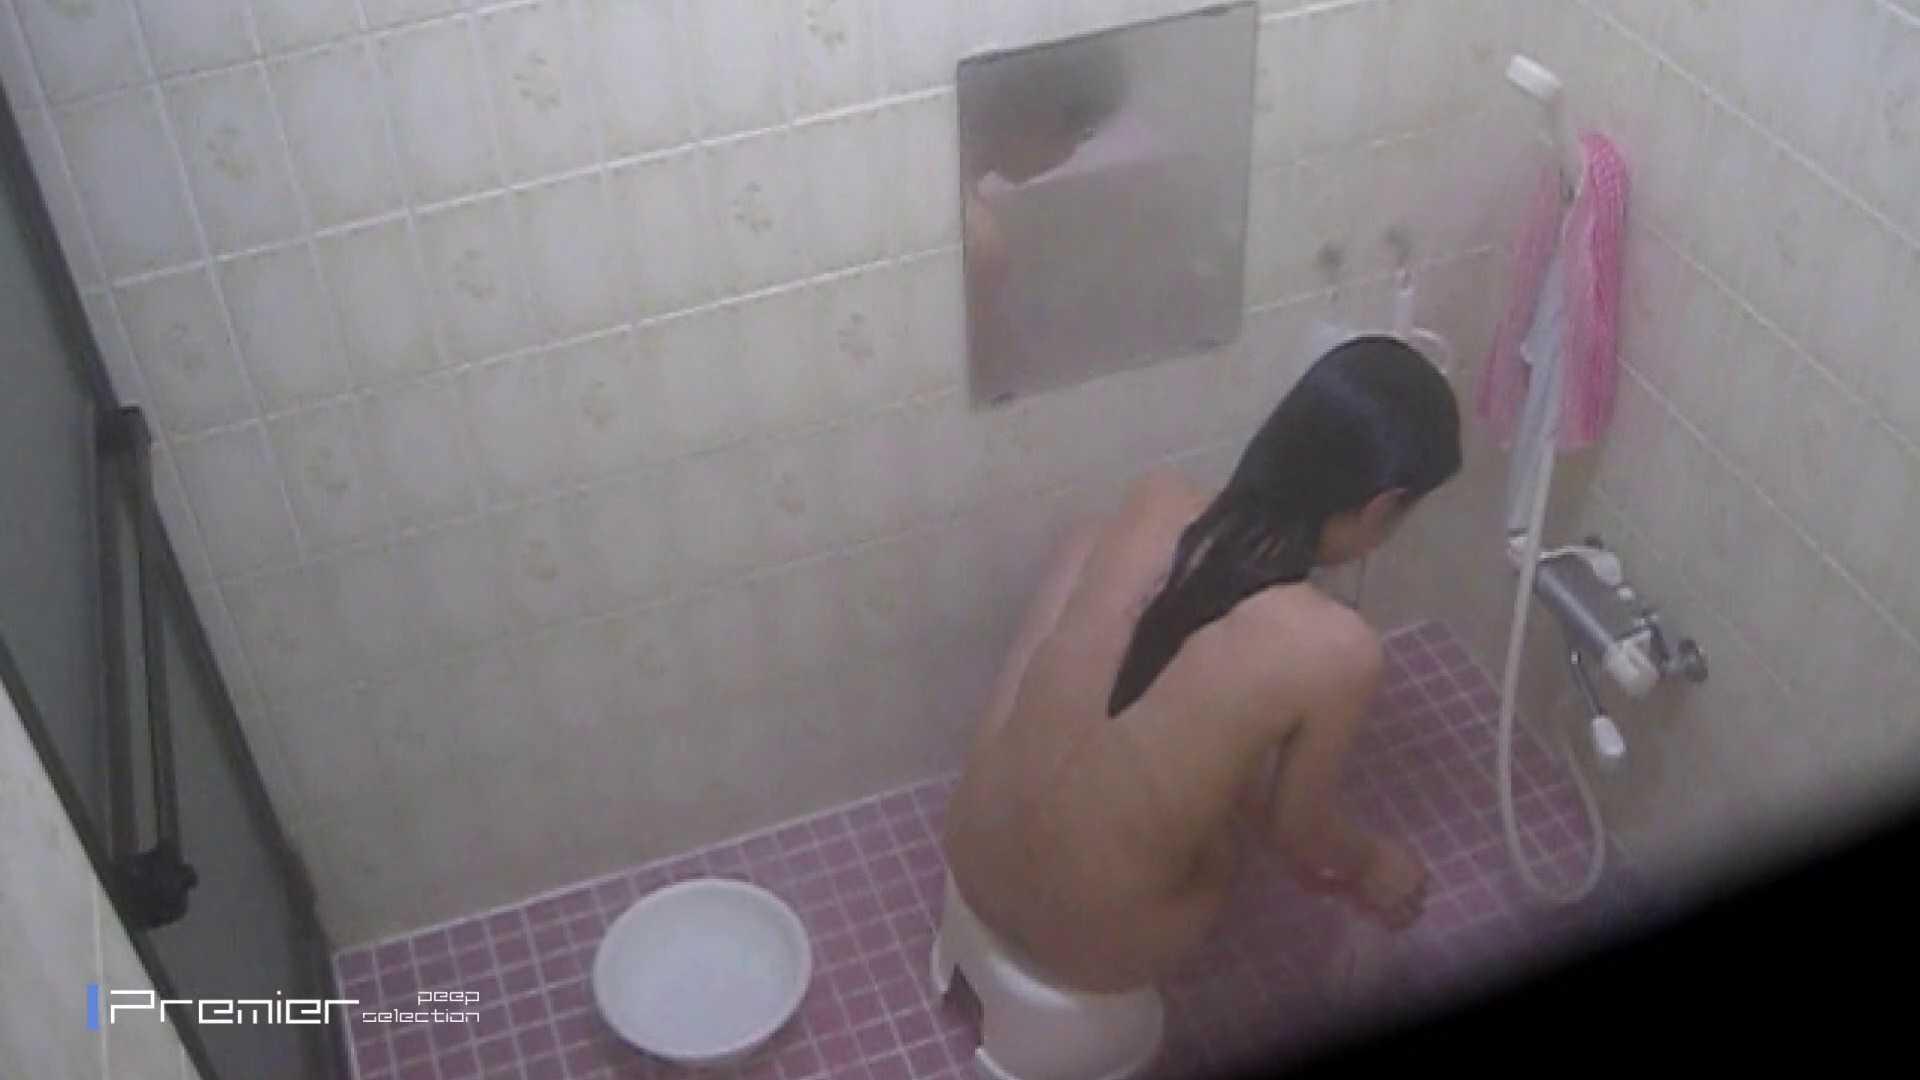 鏡に写る美女バレ盗撮 乙女の風呂場 Vol.10 高画質 AV無料 86画像 47